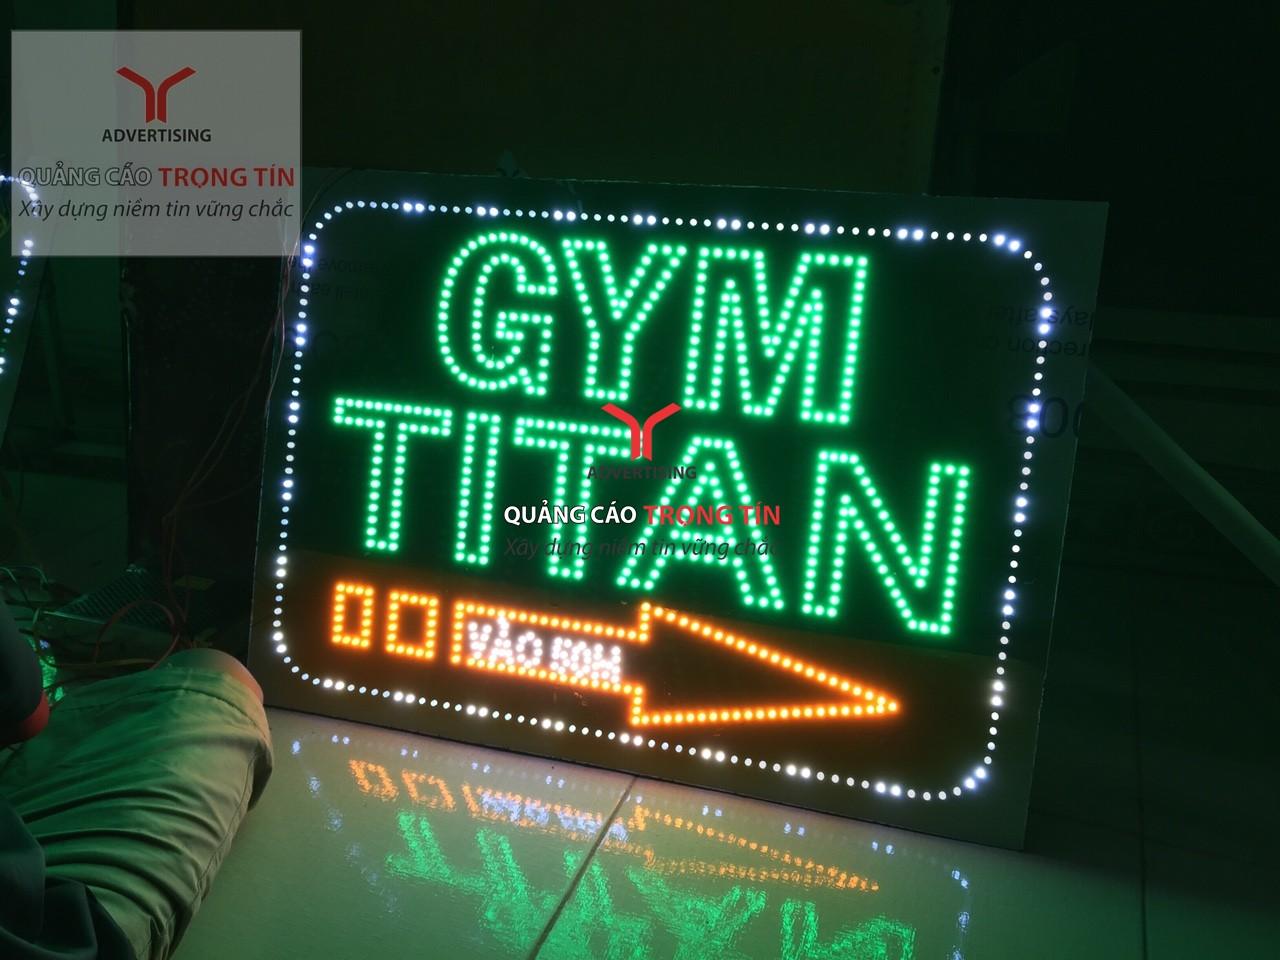 Gia công bảng hiệu hộp đèn giá rẻ, uy tín tại HCM